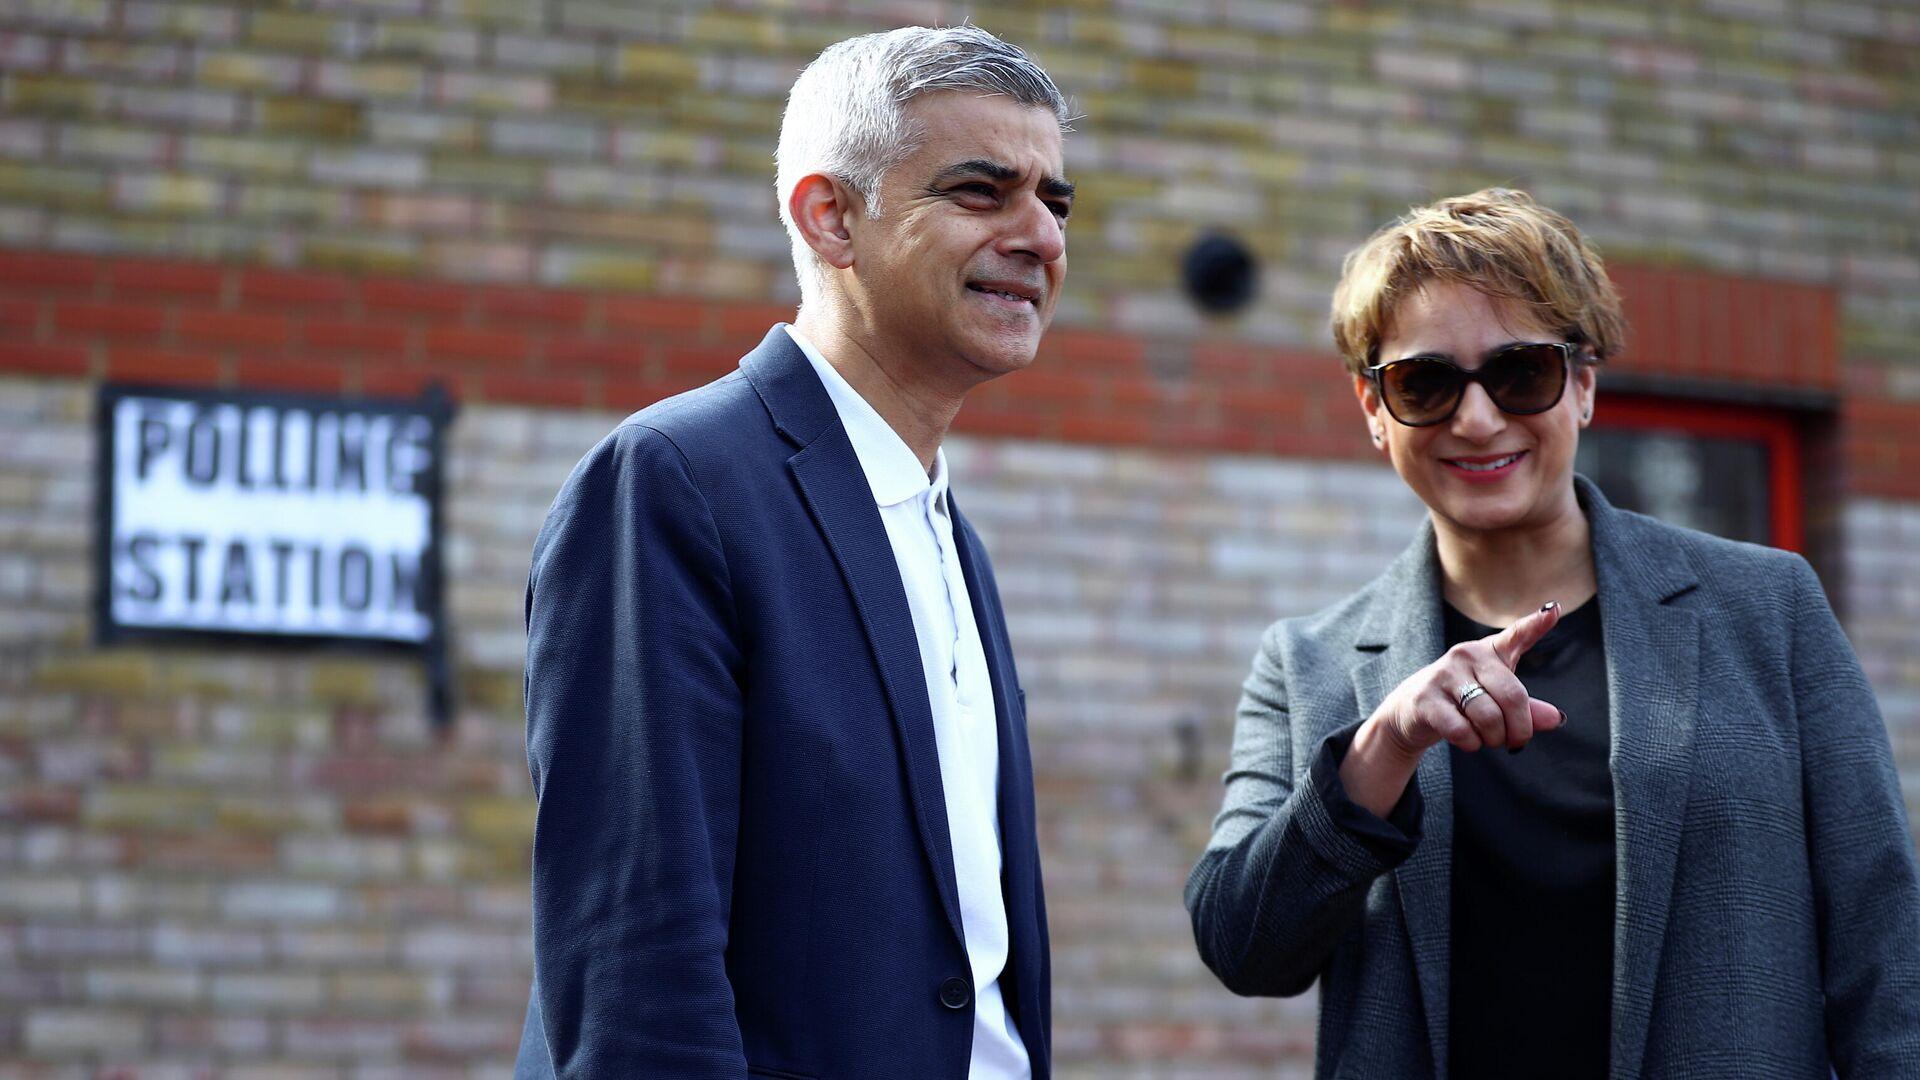 El alcalde de Londres, Sadiq Khan, con su esposa en las elecciones de Londres, el 6 de mayo de 2021 - Sputnik Mundo, 1920, 06.05.2021